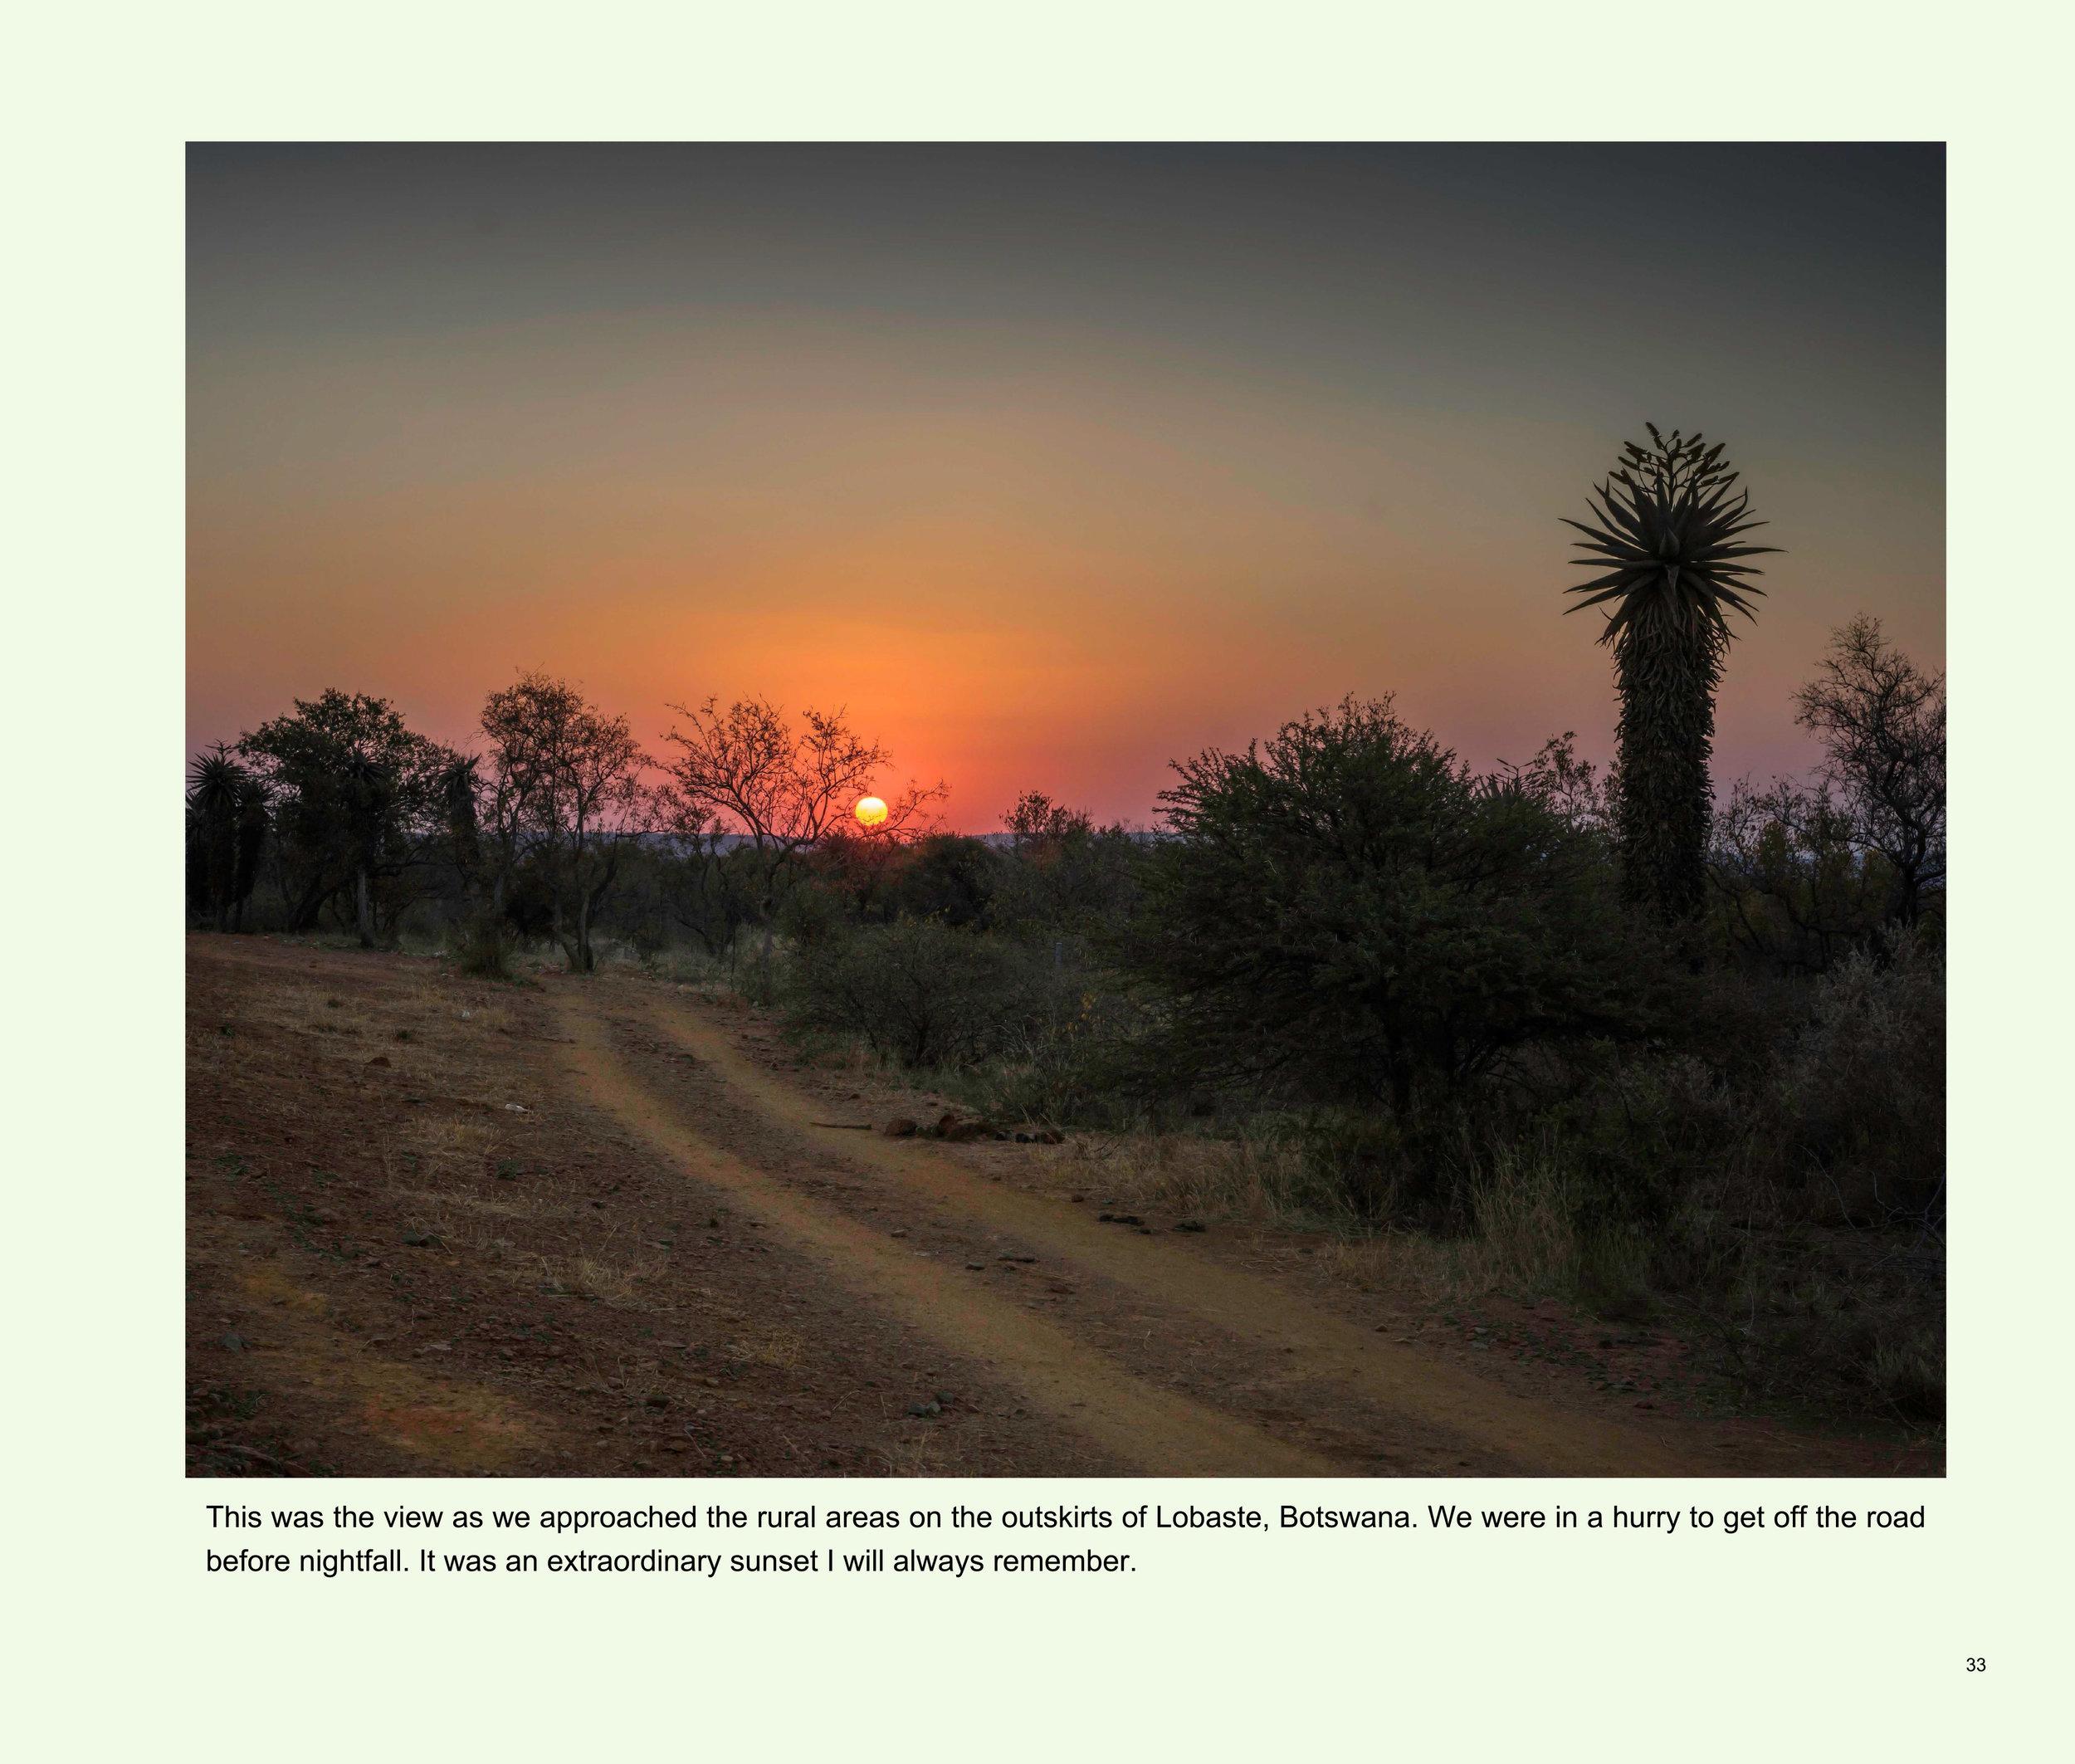 ImagesASouthernAfricaRoadTrip-35.jpg